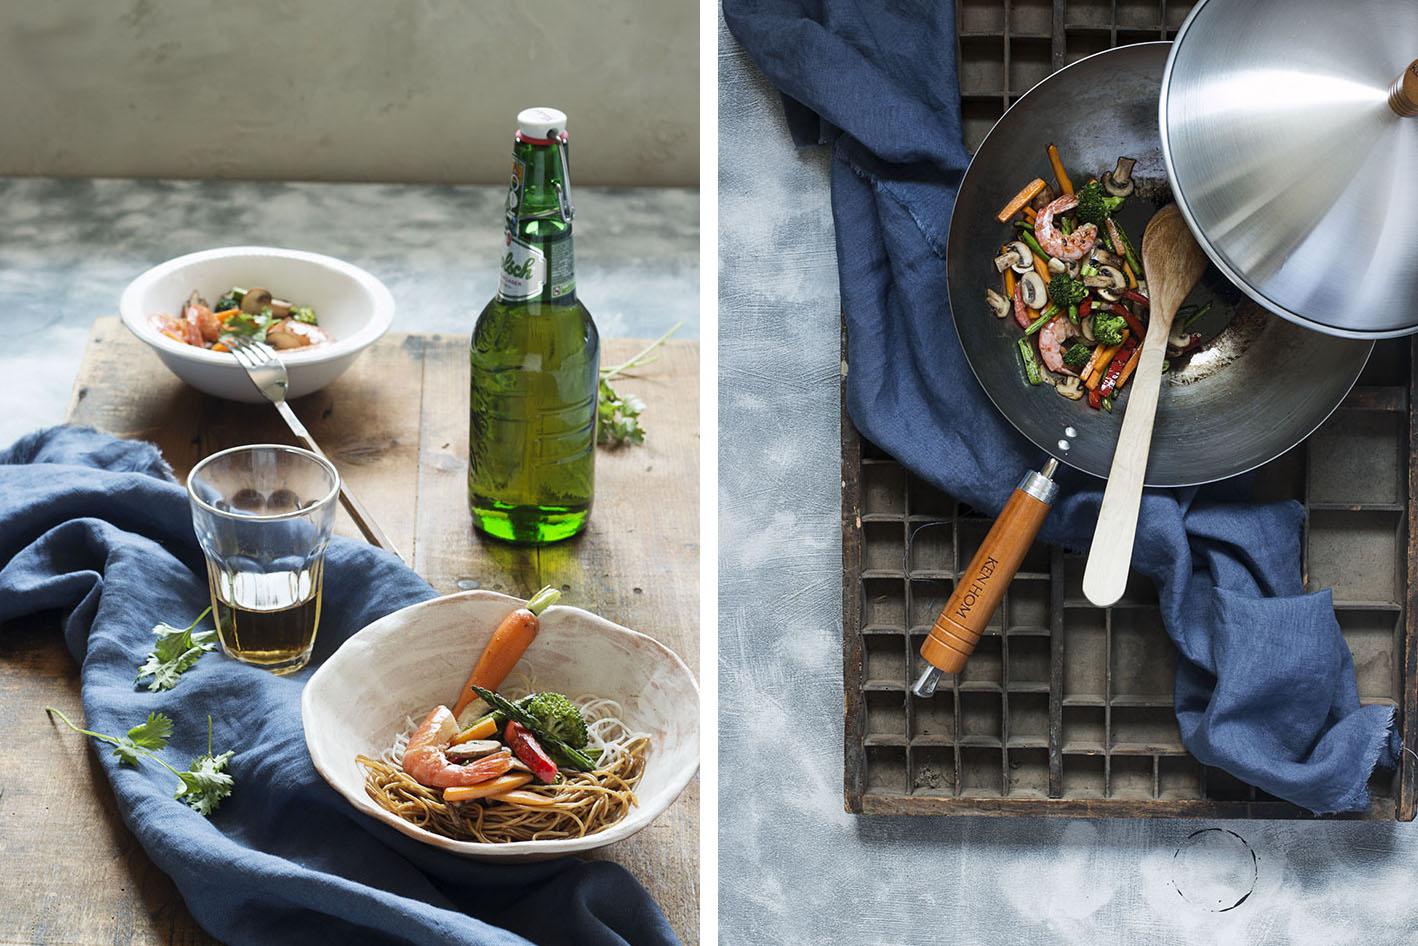 Cocinar con wok elecci n conservaci n y cocinado sweet for Cocinar con wok